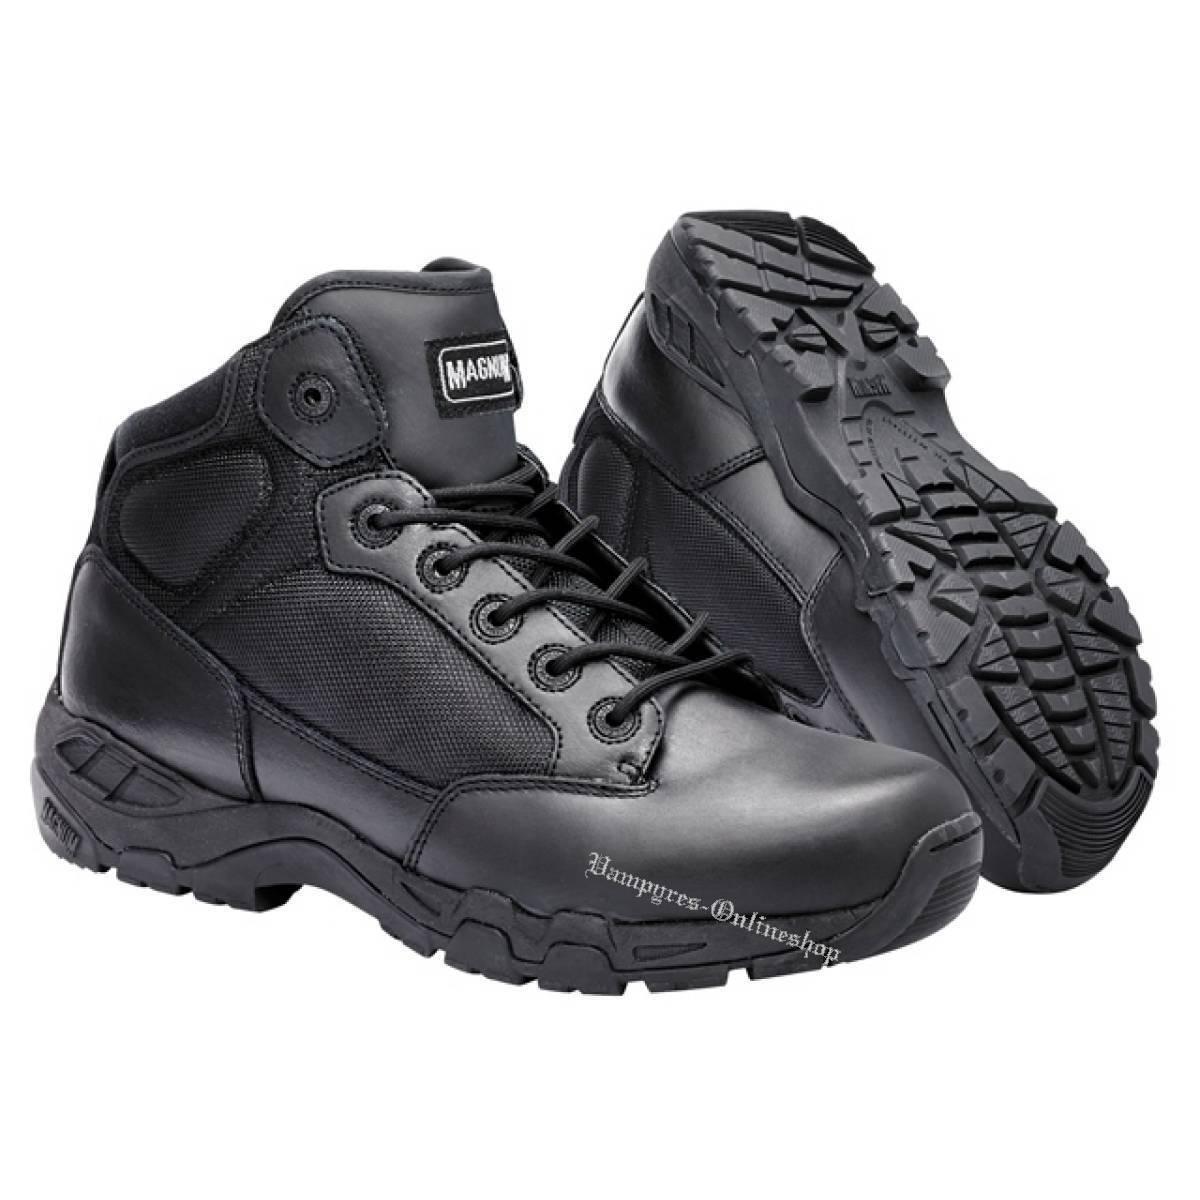 Magnum Viper Viper Magnum pro 5.0 WP Hi-Tec botas negro botas Security HITEC zapatos Black d1e293